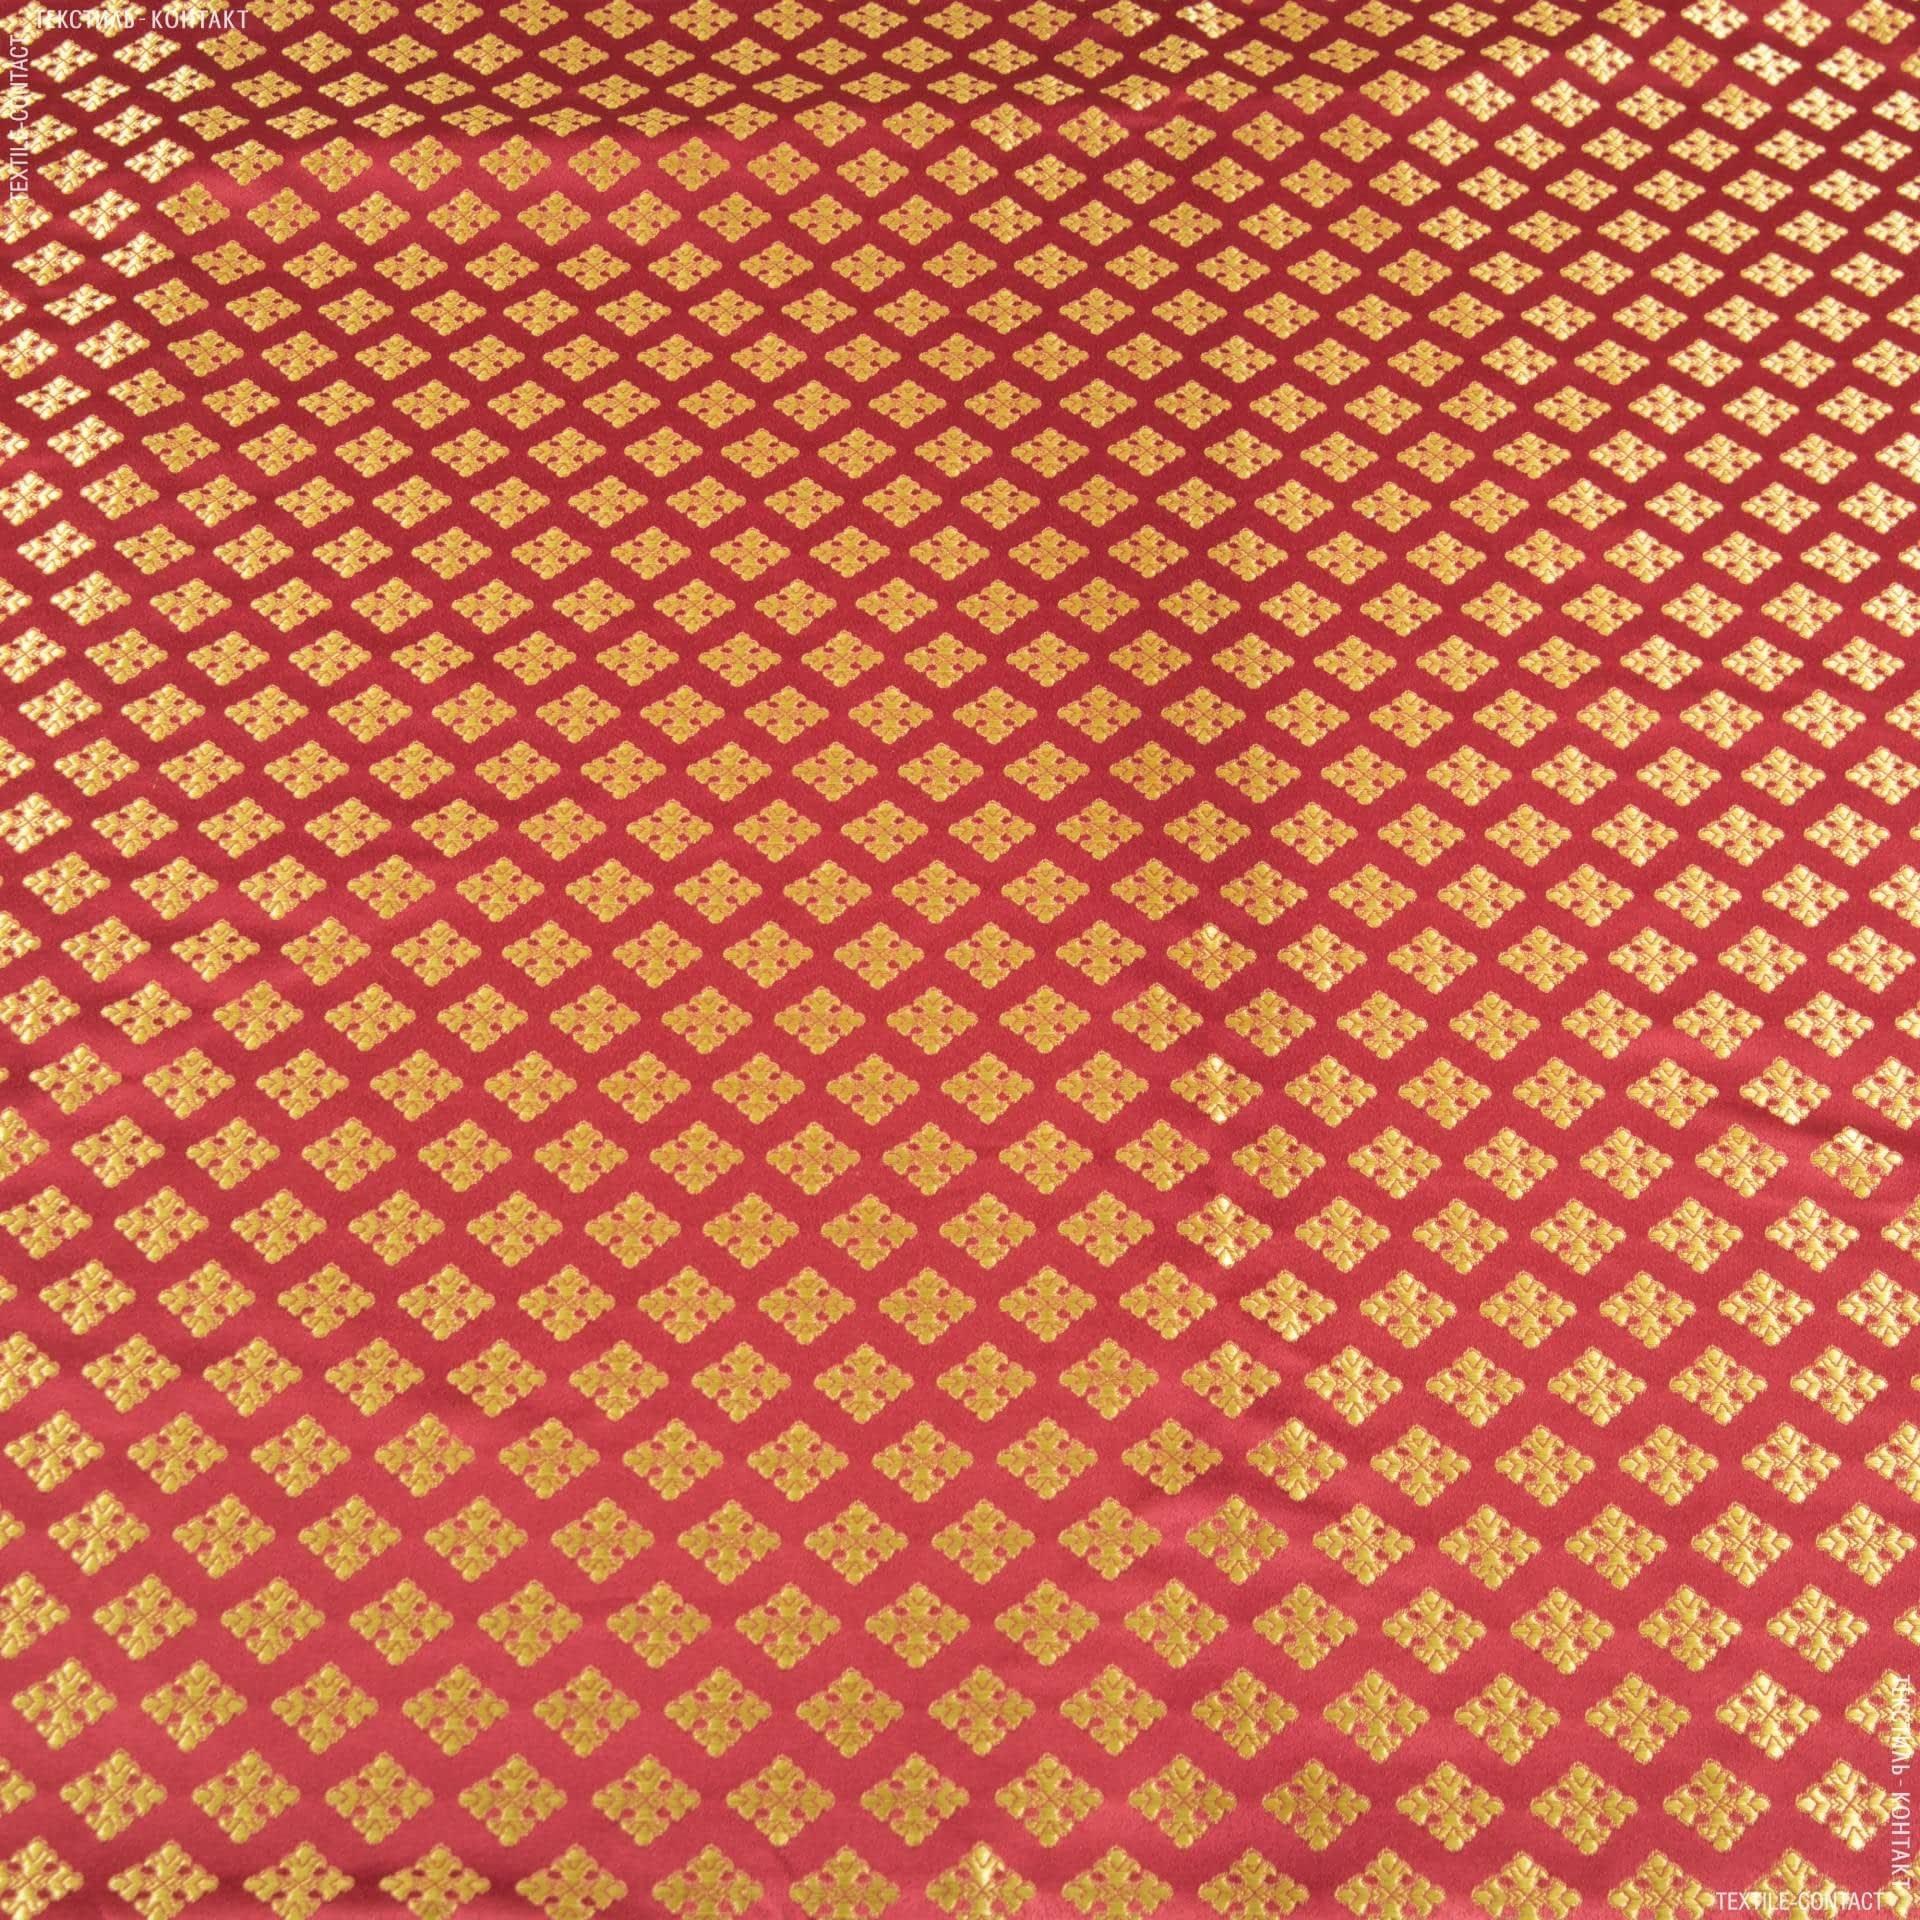 Ткани жаккард - Жаккард церковный мелкий крестик золото/бордо